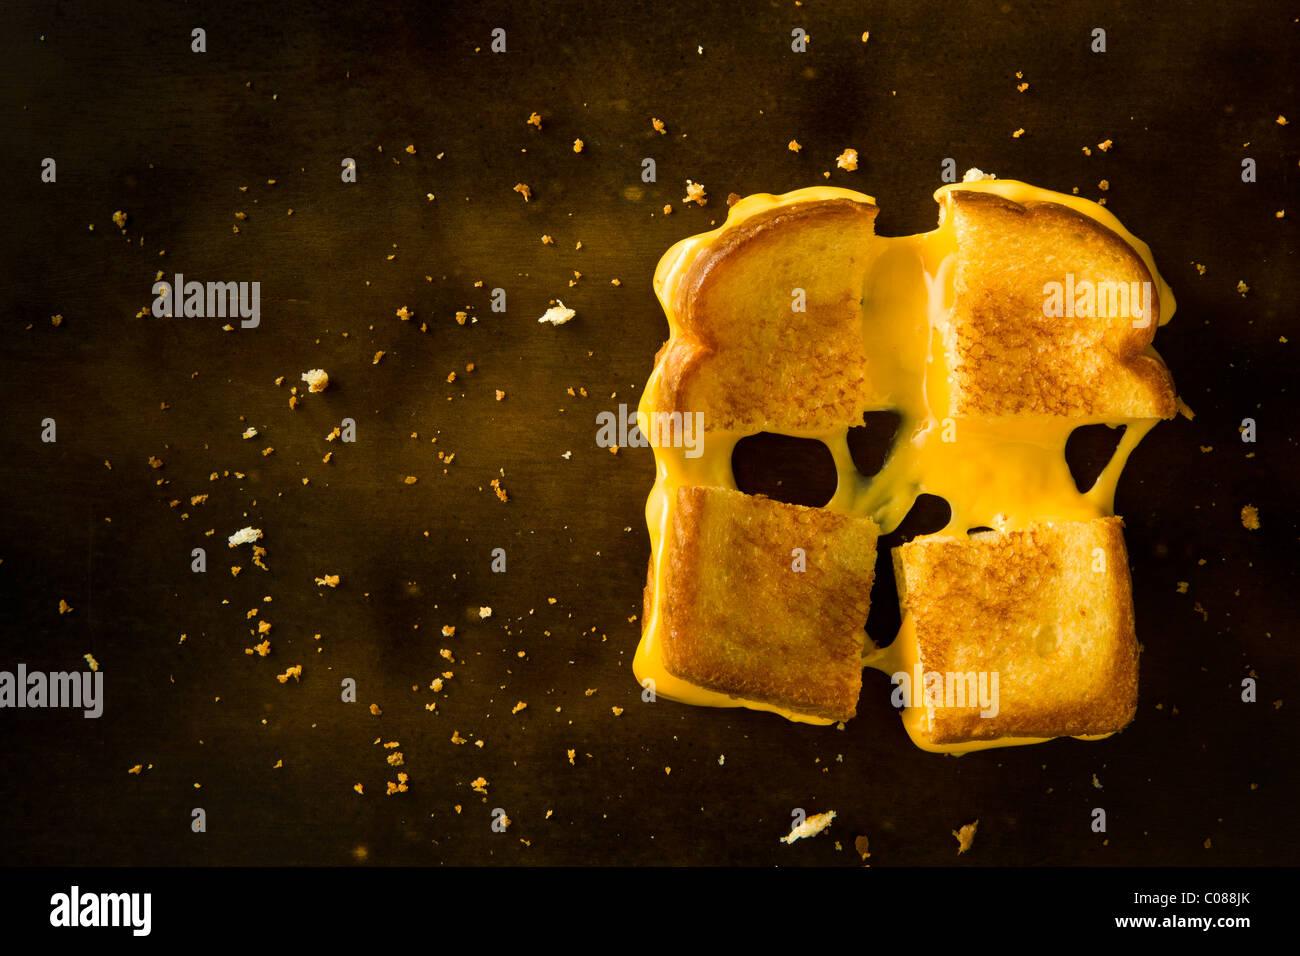 Un formaggio alla griglia panino tagliato in quattro piazze tirando il formaggio su una tavola di legno Immagini Stock